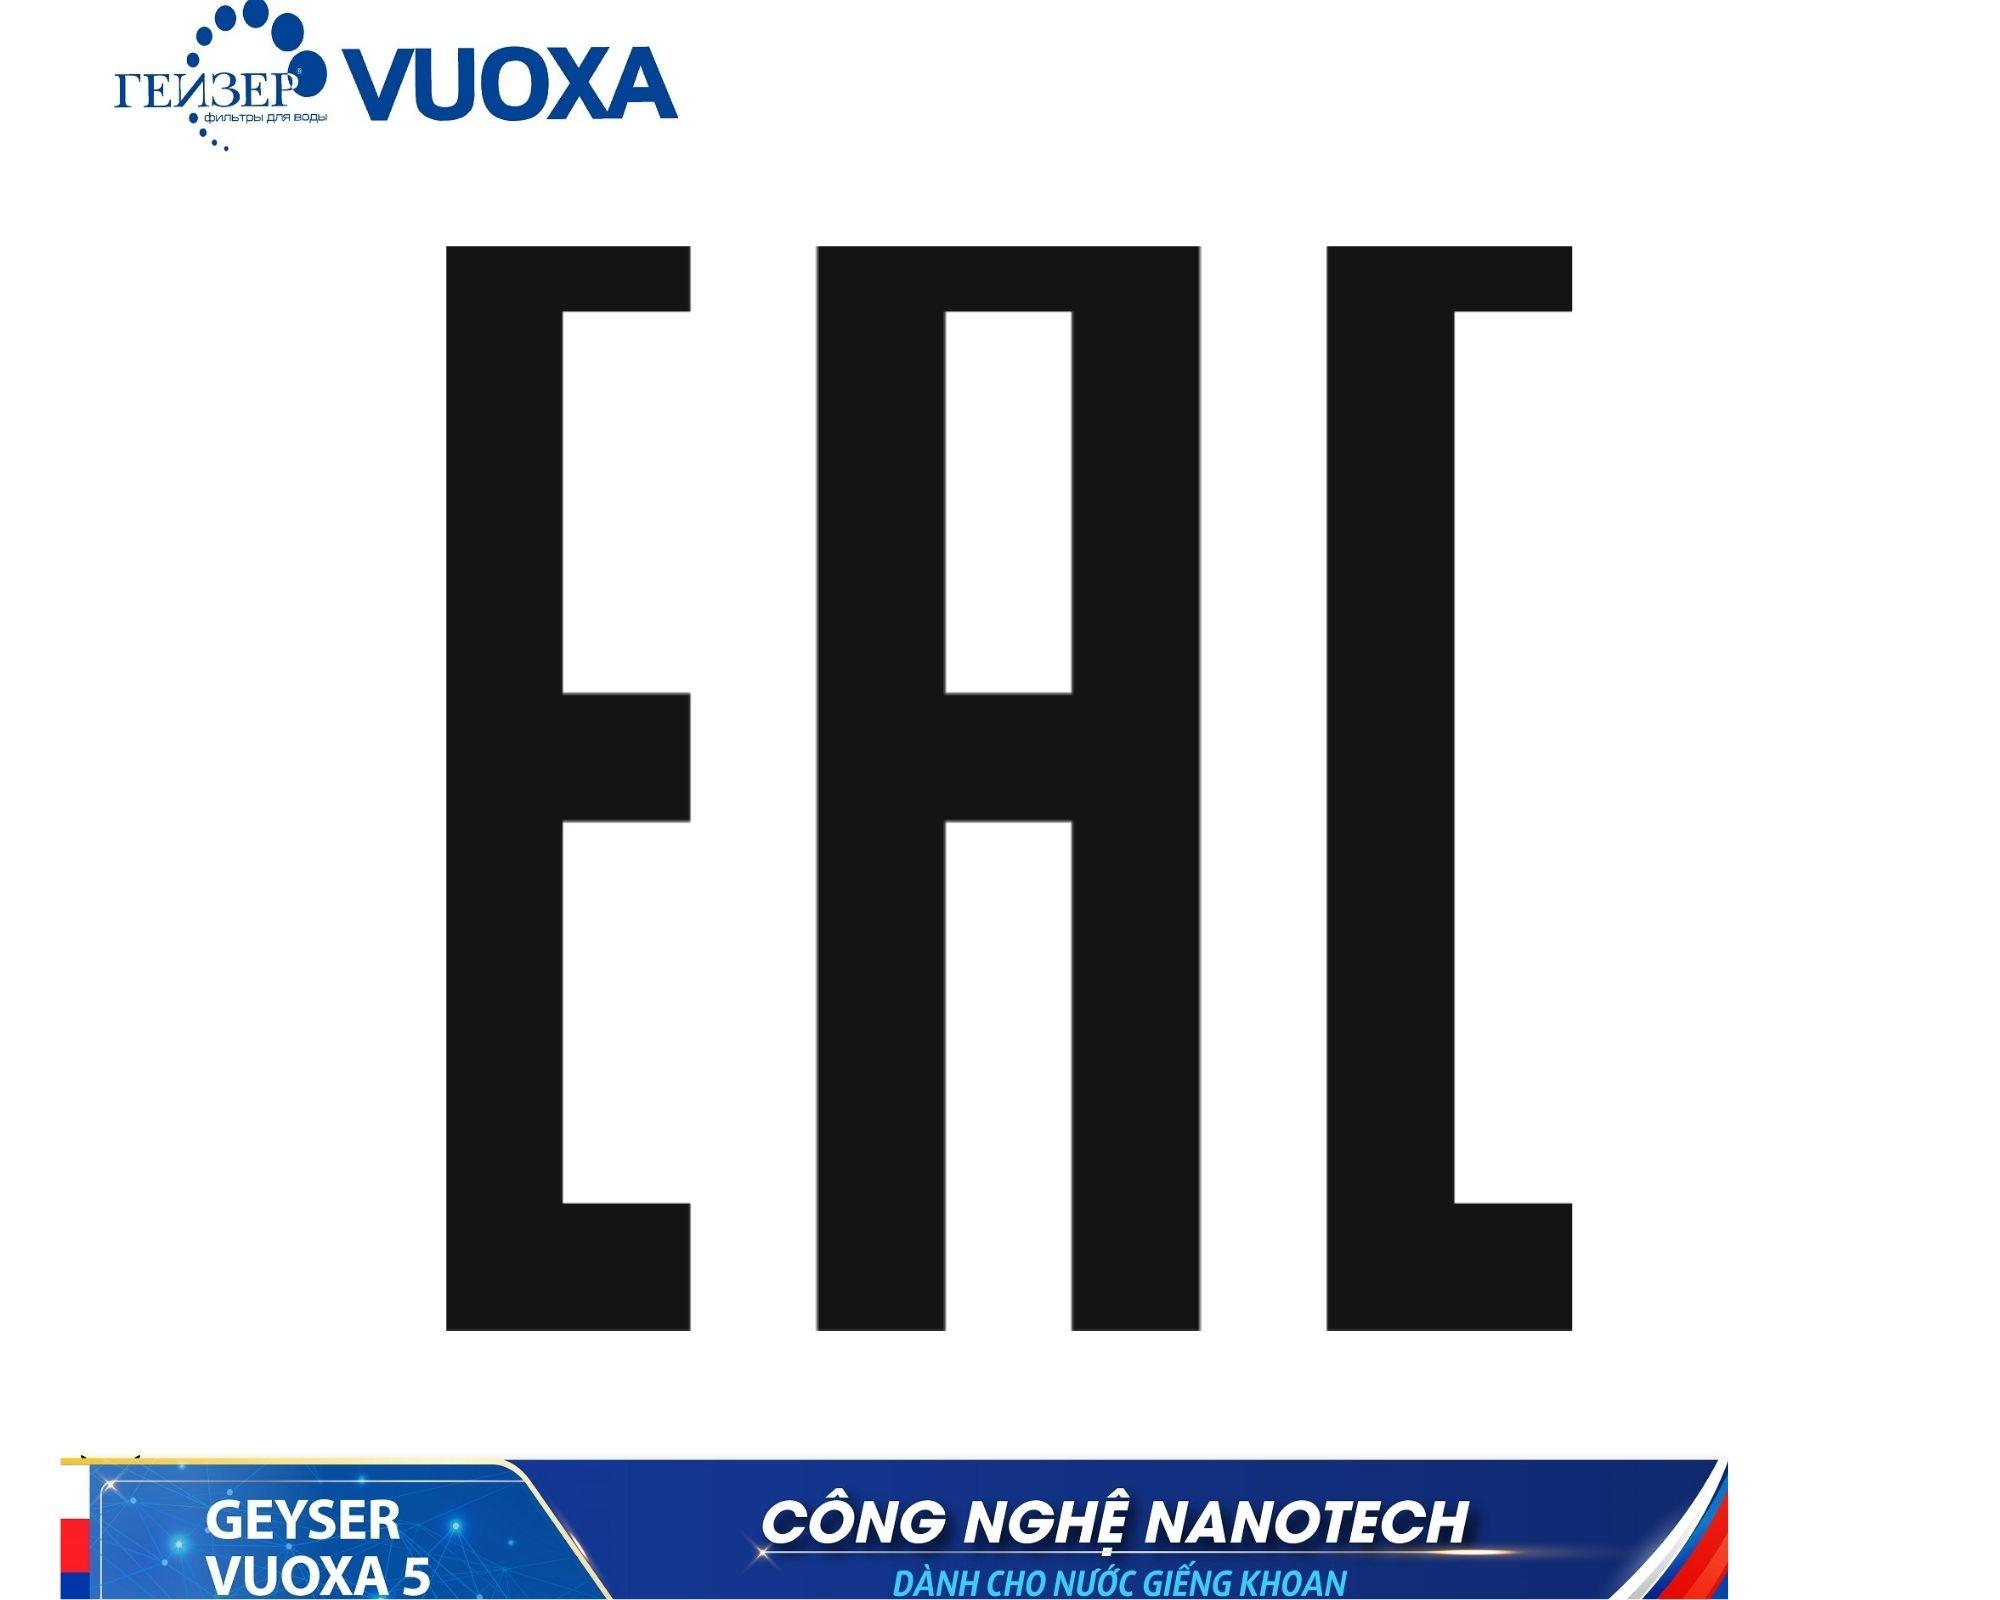 Geyser Vuoxa 5 đạt tiêu chuẩn châu âu EAC